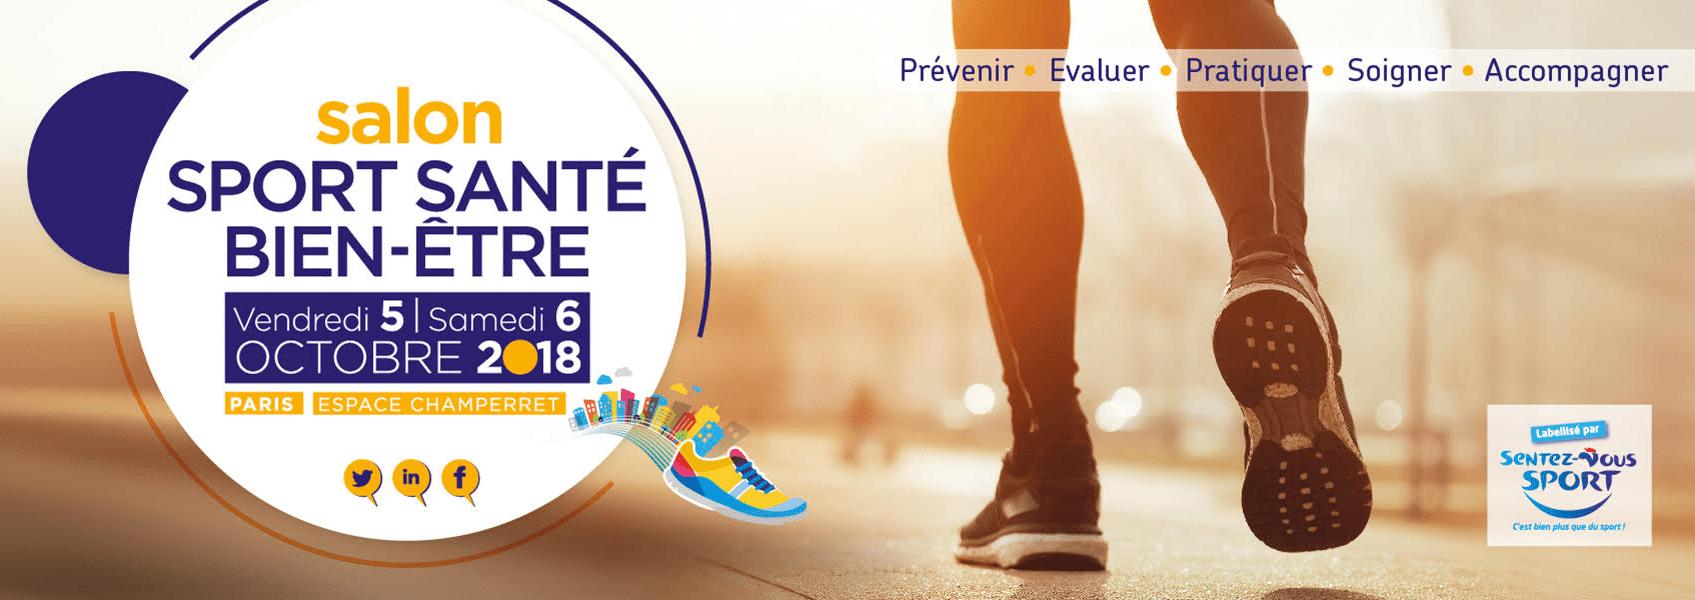 Salon Sport Santé Bien-être les 5 et 6 octobre 2018 à Paris